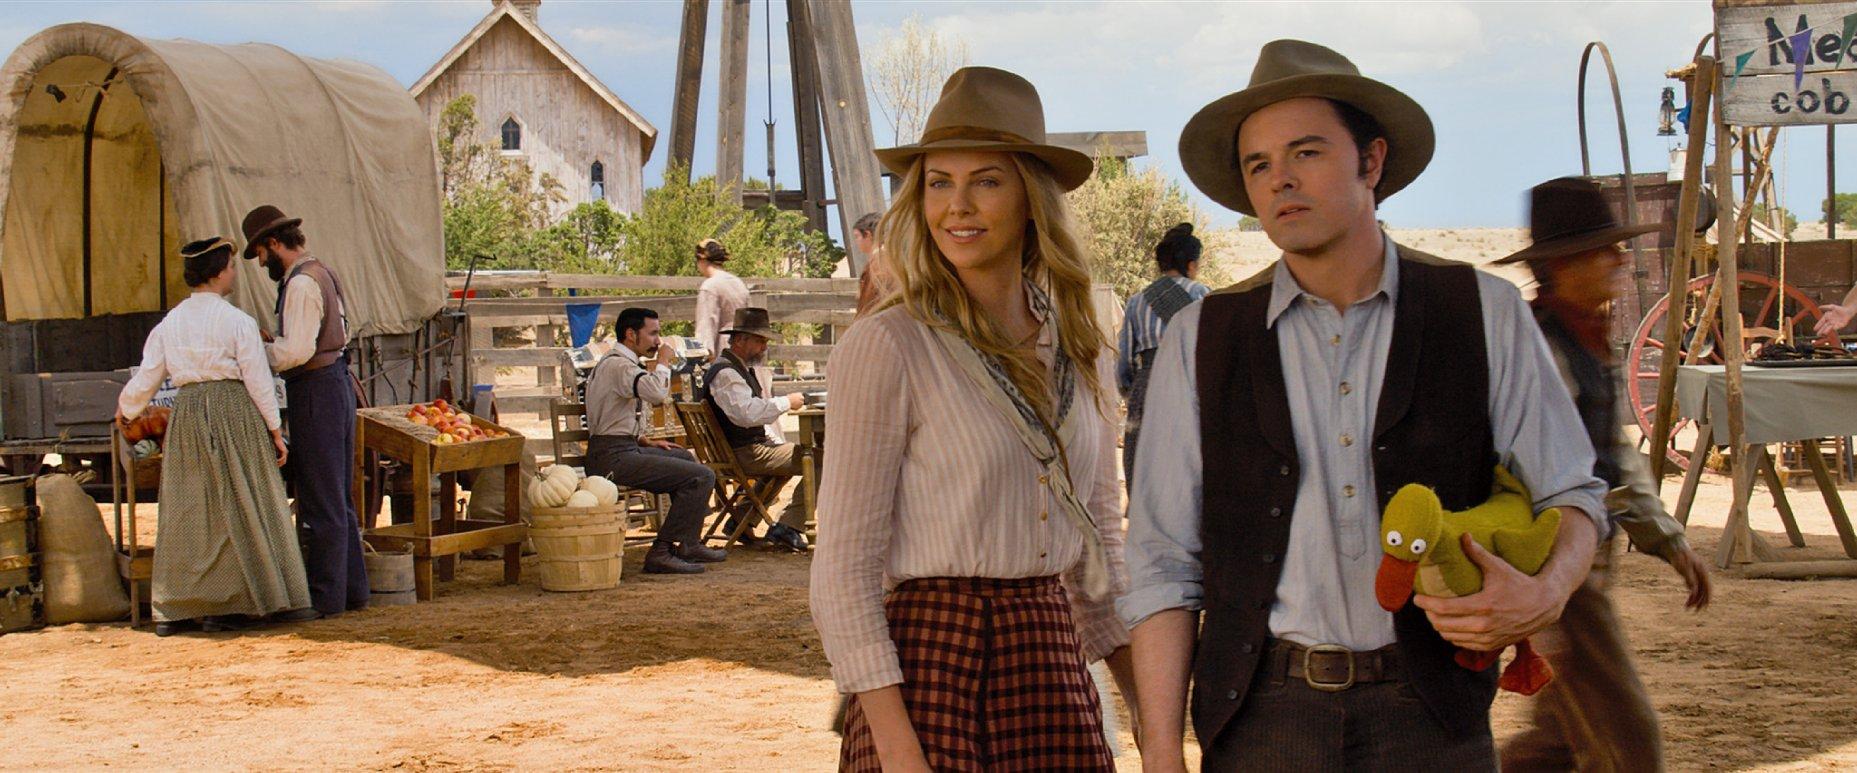 """""""Ted""""-Regisseur im wilden Westen: Langer deutscher Trailer zu """"A Million Ways To Die In The West"""""""